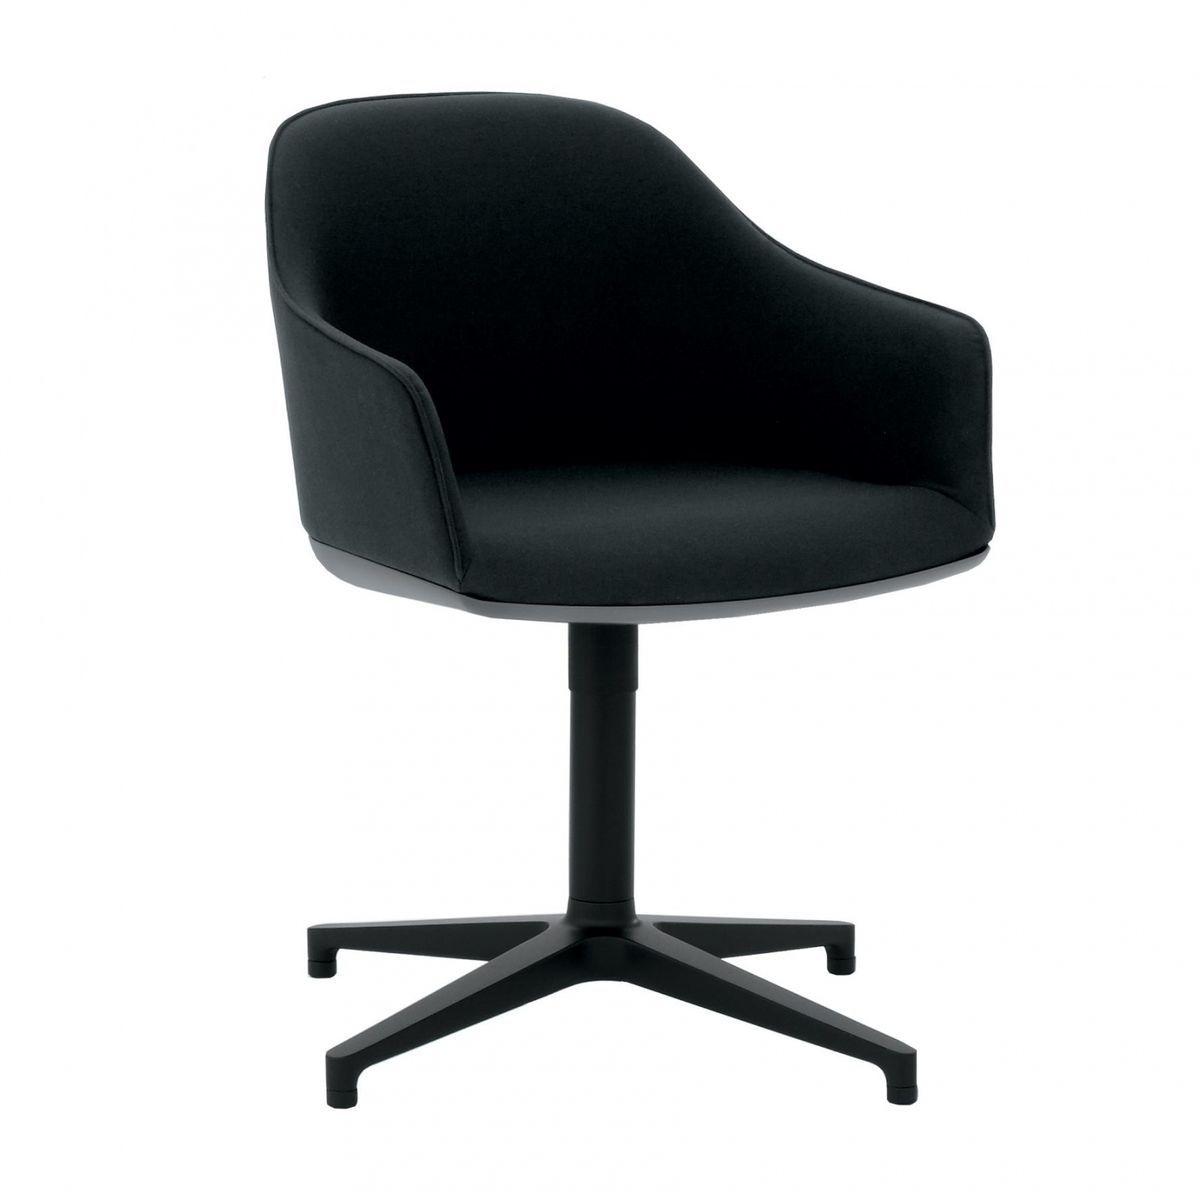 Konferenzstuhl vitra  Vitra - Softshell Chair Konferenzstuhl - schwarz/Stoff/Gestell ...